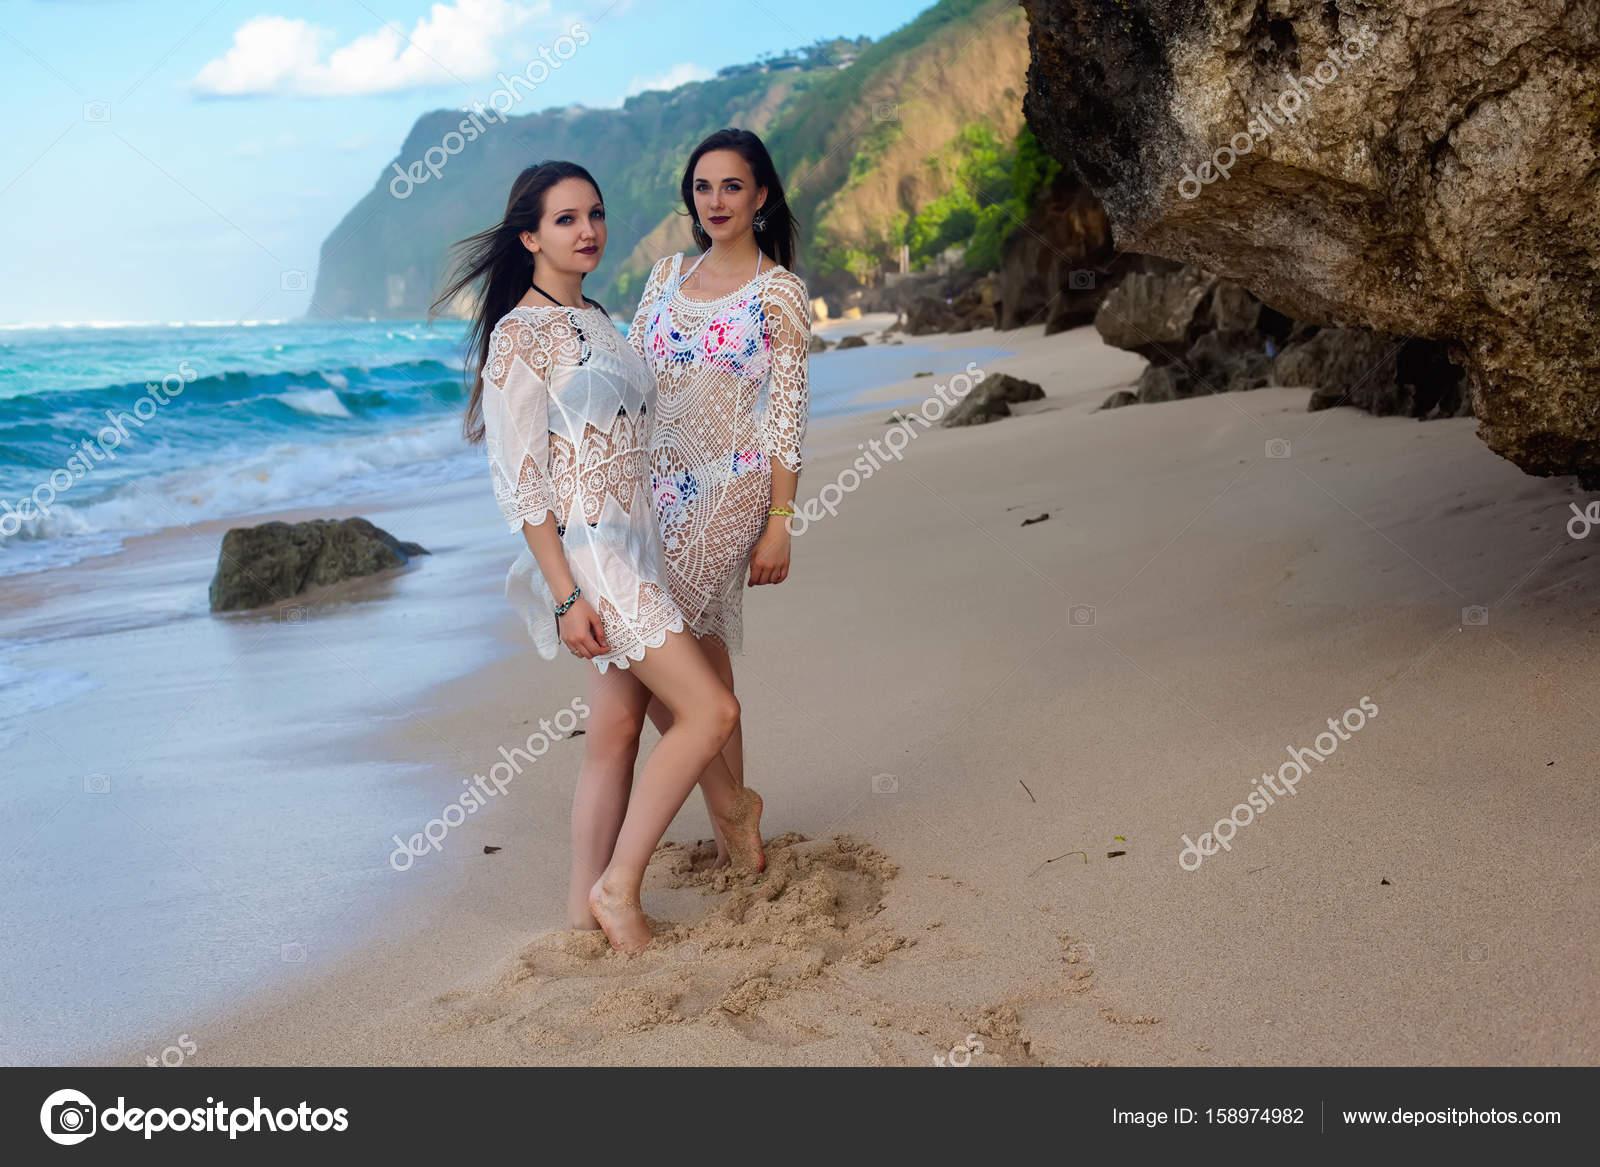 Девчата на диком пляже — img 1